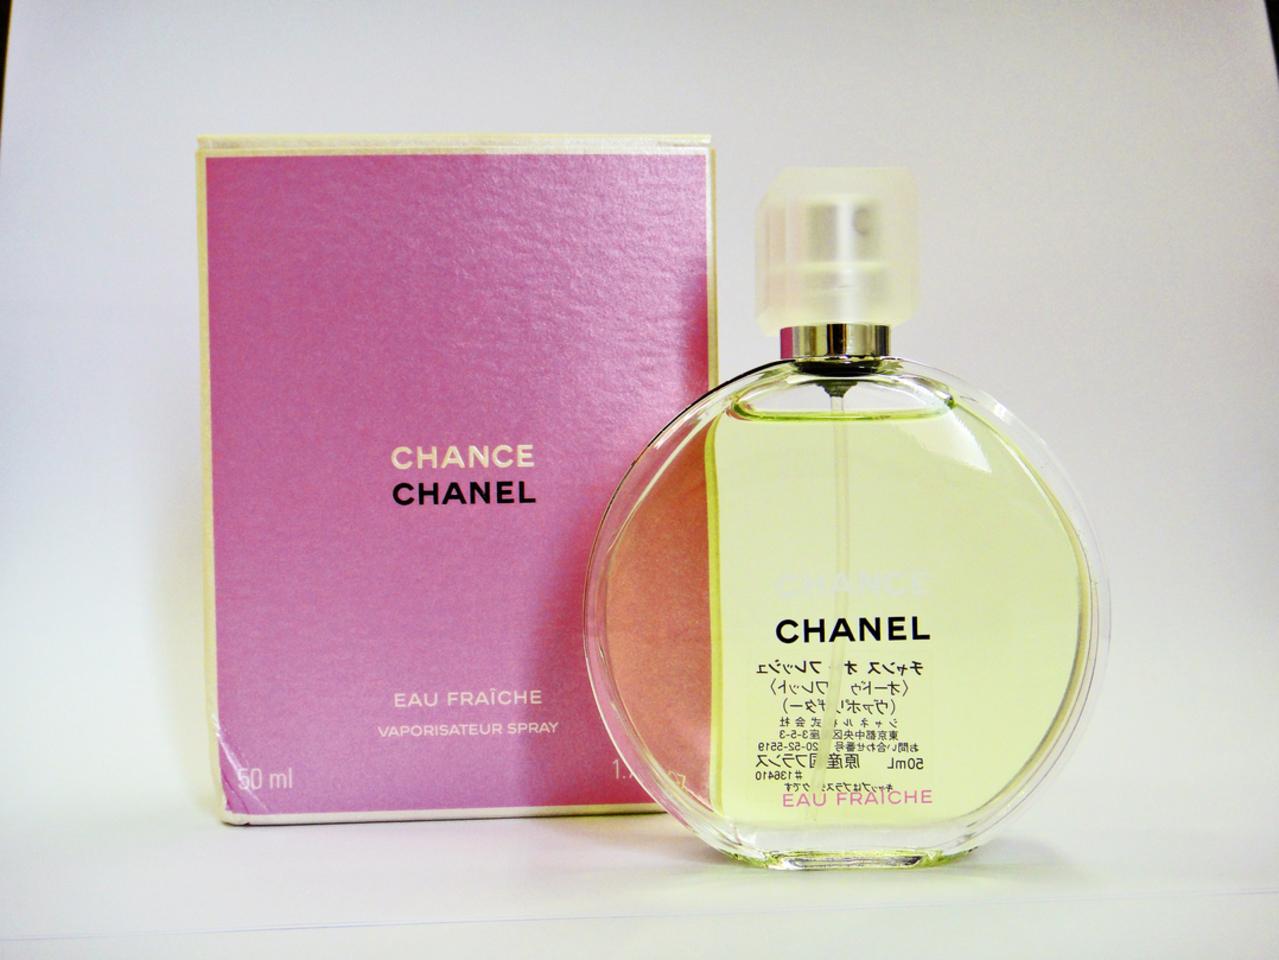 ブランド品、ブランドバック、ブランド財布、ブランド時計を高く売るなら松戸市の「おたからや五香店」